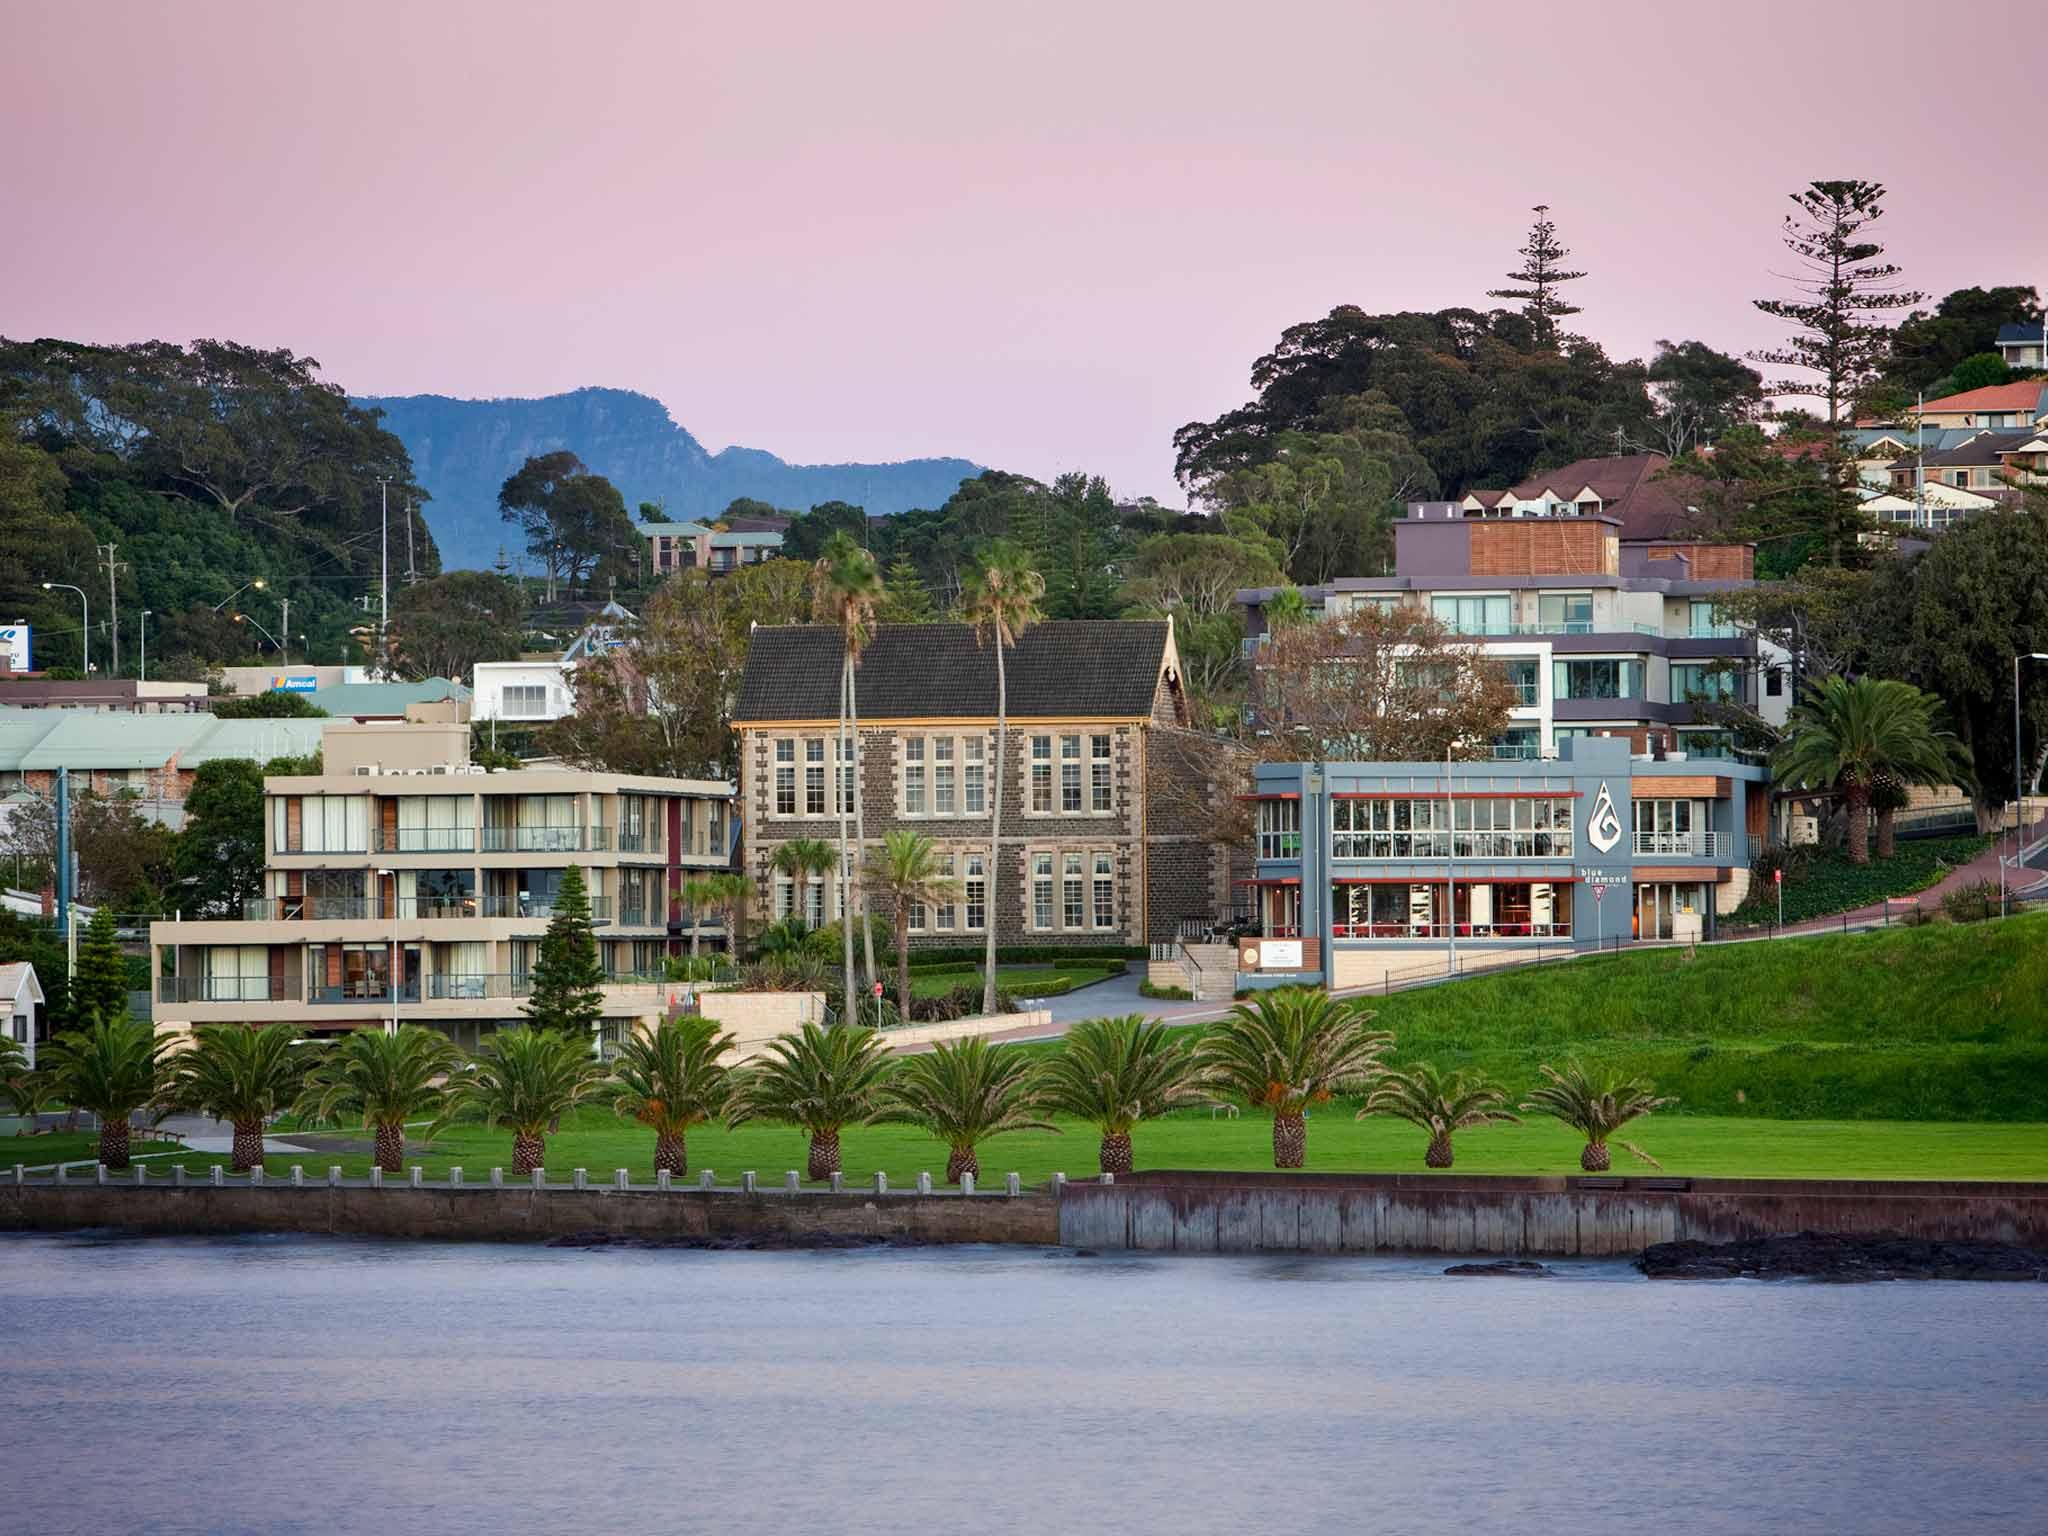 فندق - The Sebel Kiama Harbourside